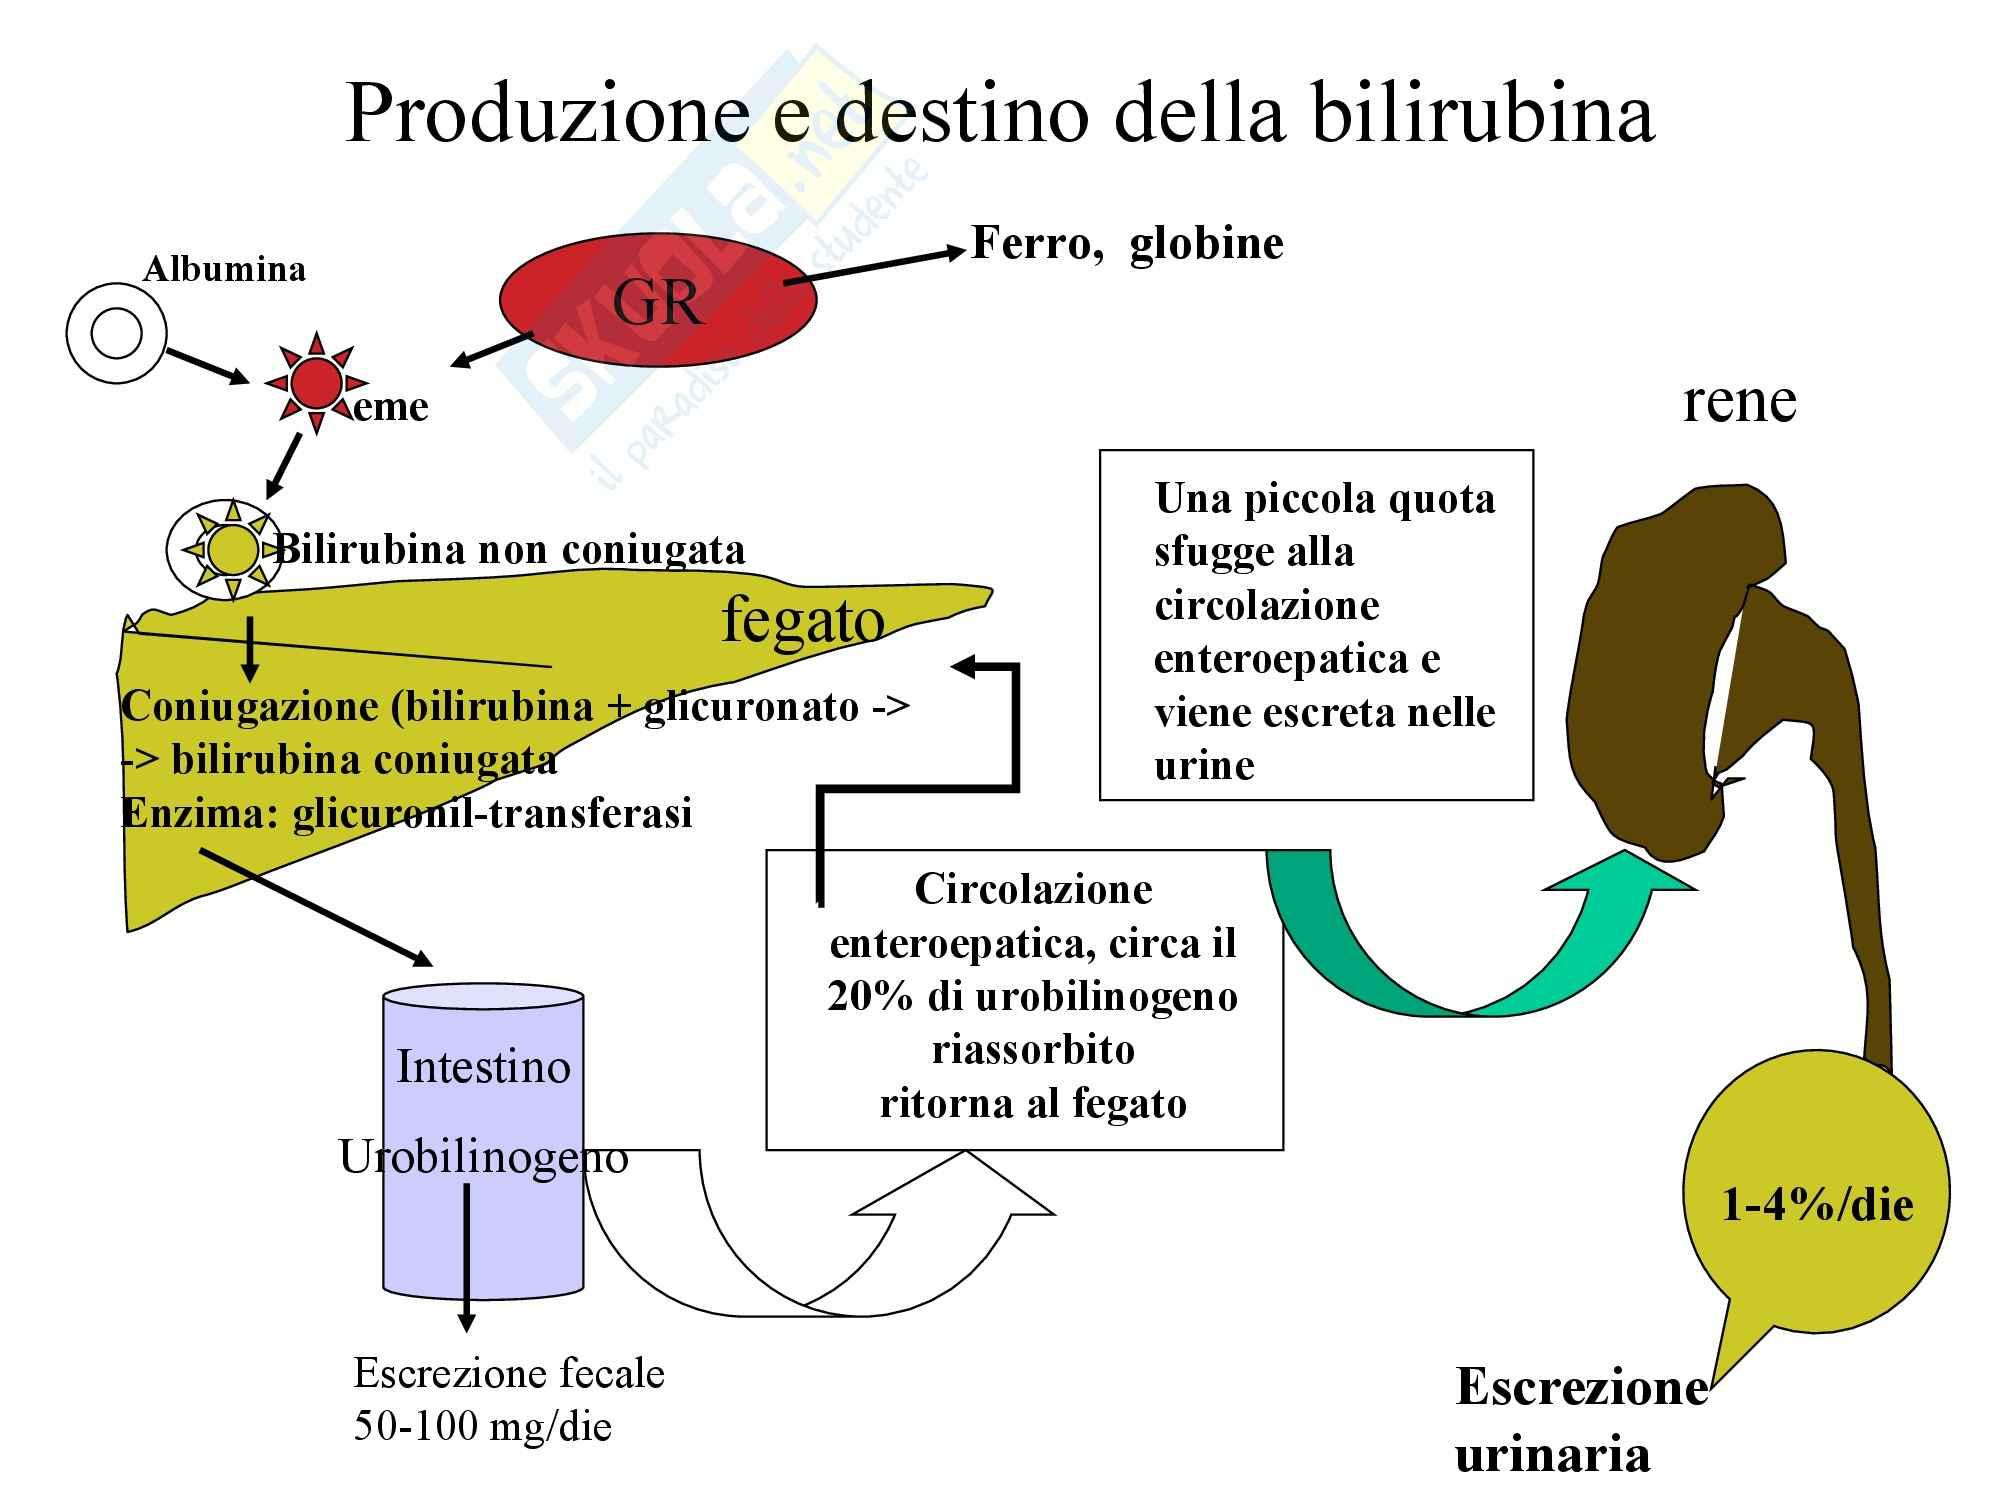 Fegato e Bile - Funzioni epatiche Pag. 2